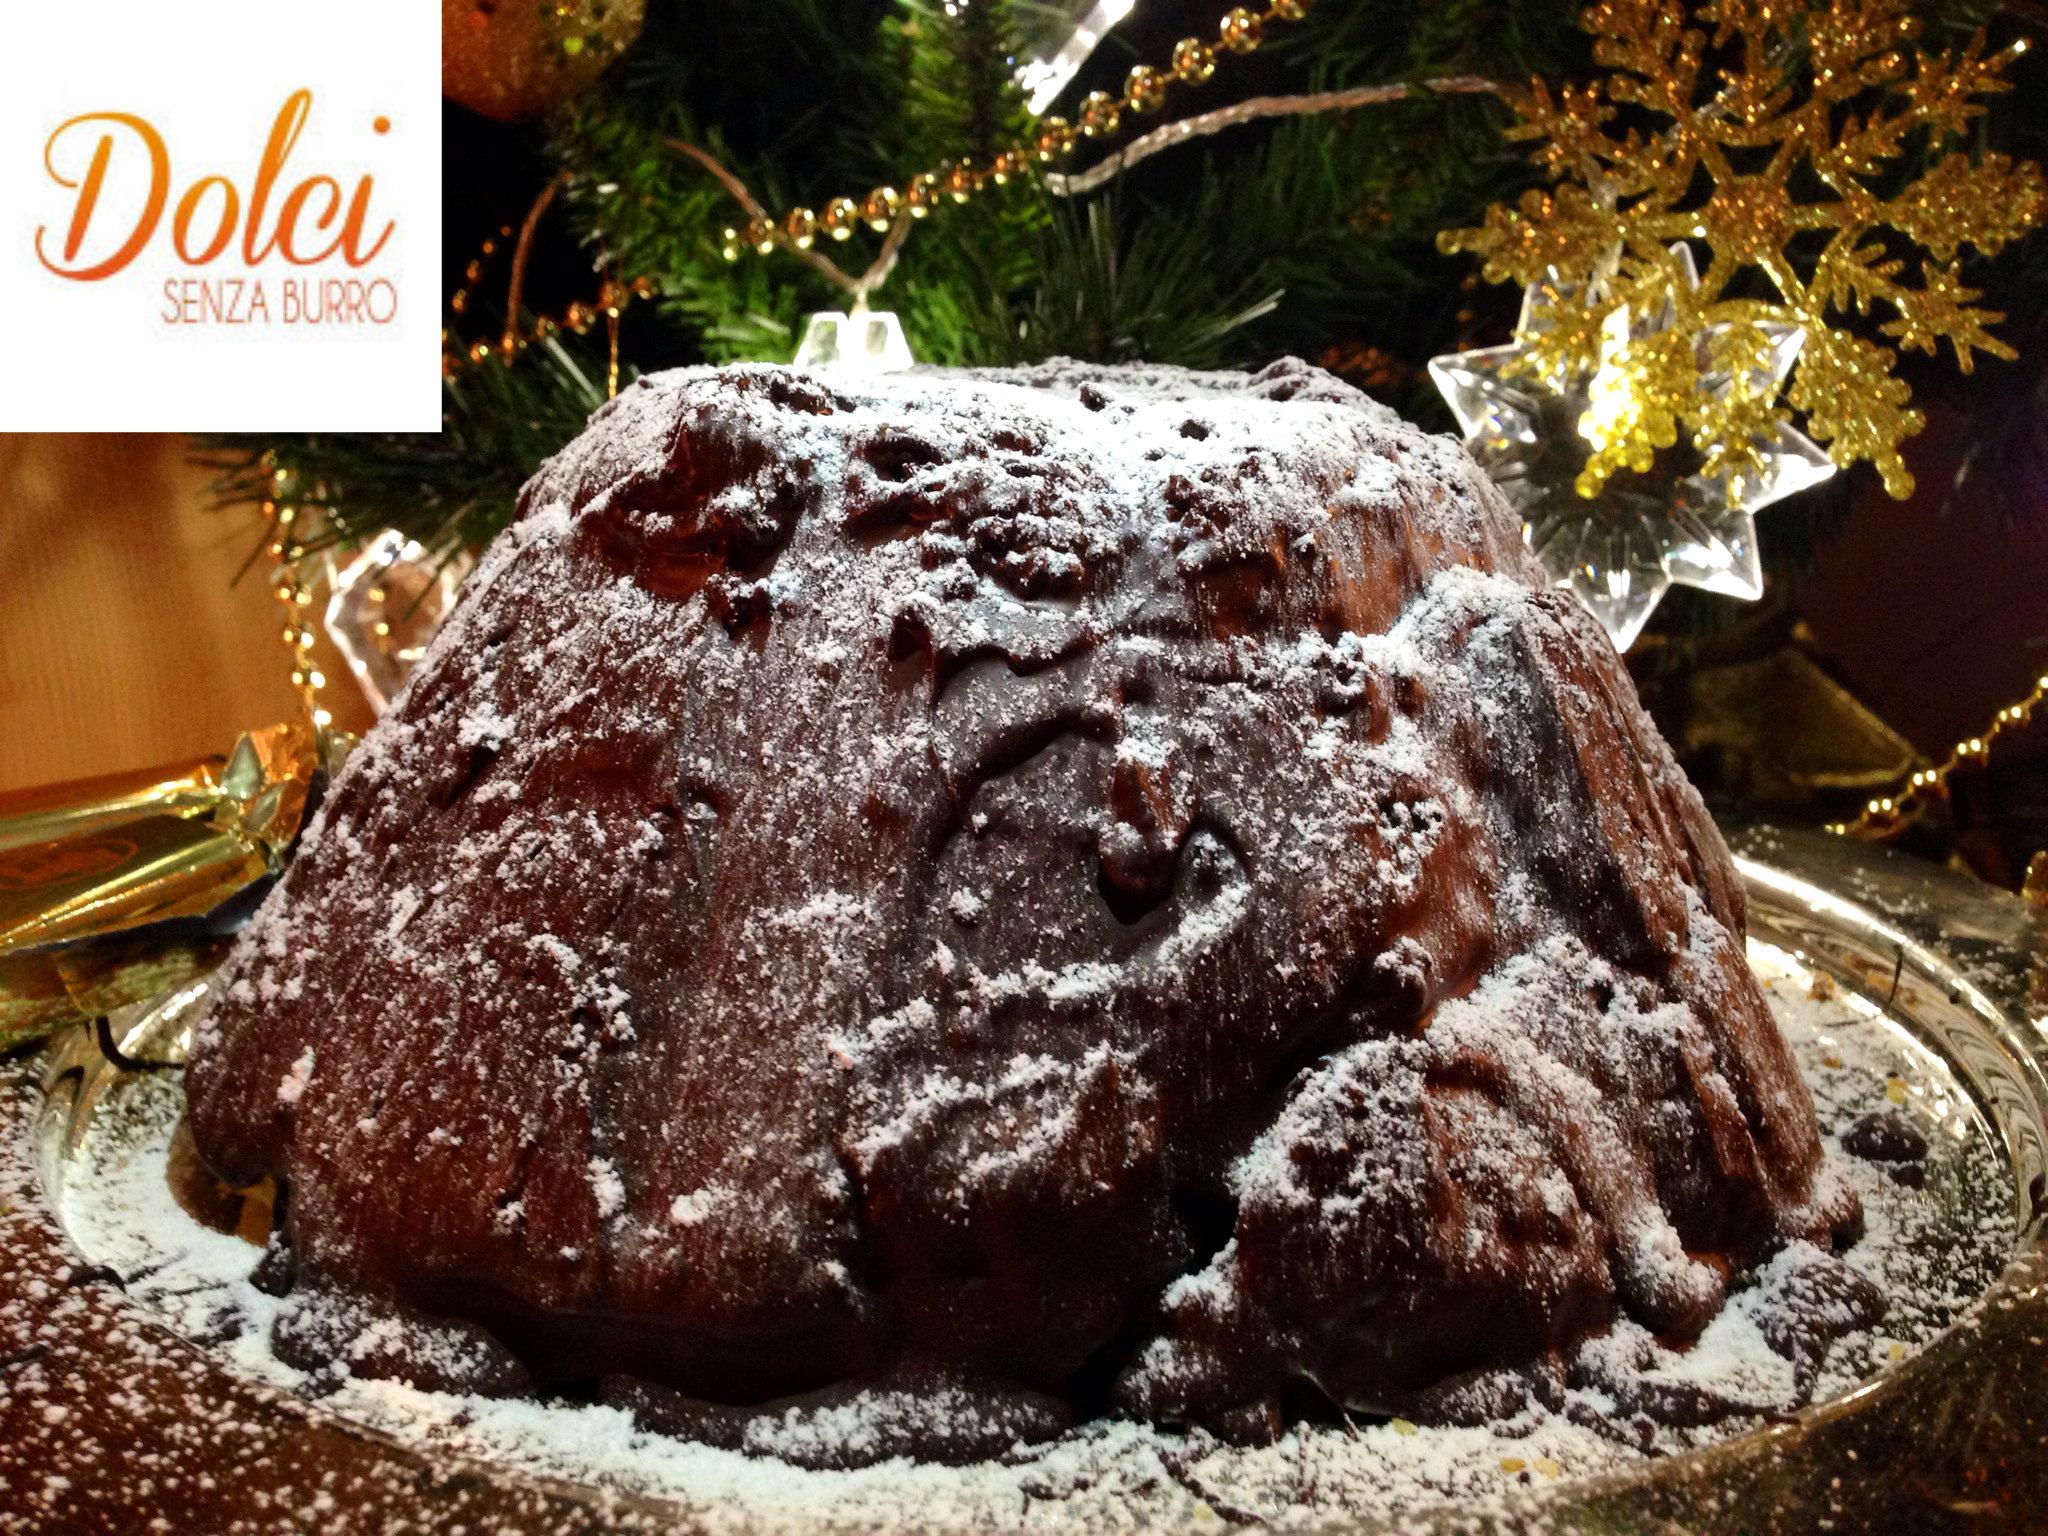 Zuccotto di Pandoro Senza Burro, il dolce speciale di dolci senza burro